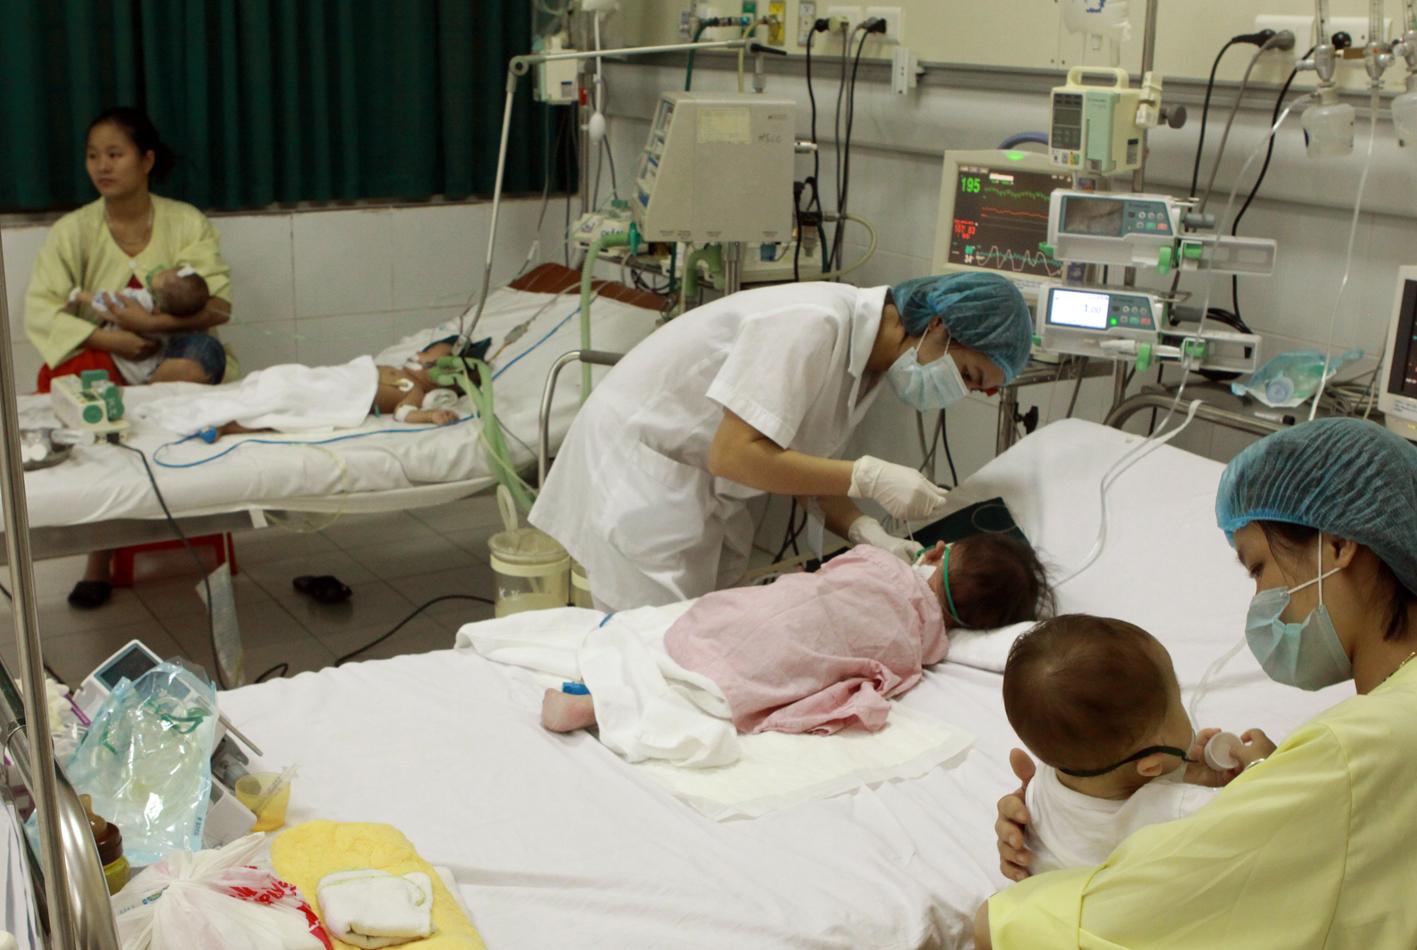 Hà Nội: Nhiều trẻ nhập viện trong tình trạng nguy kịch vì bệnh Sởi